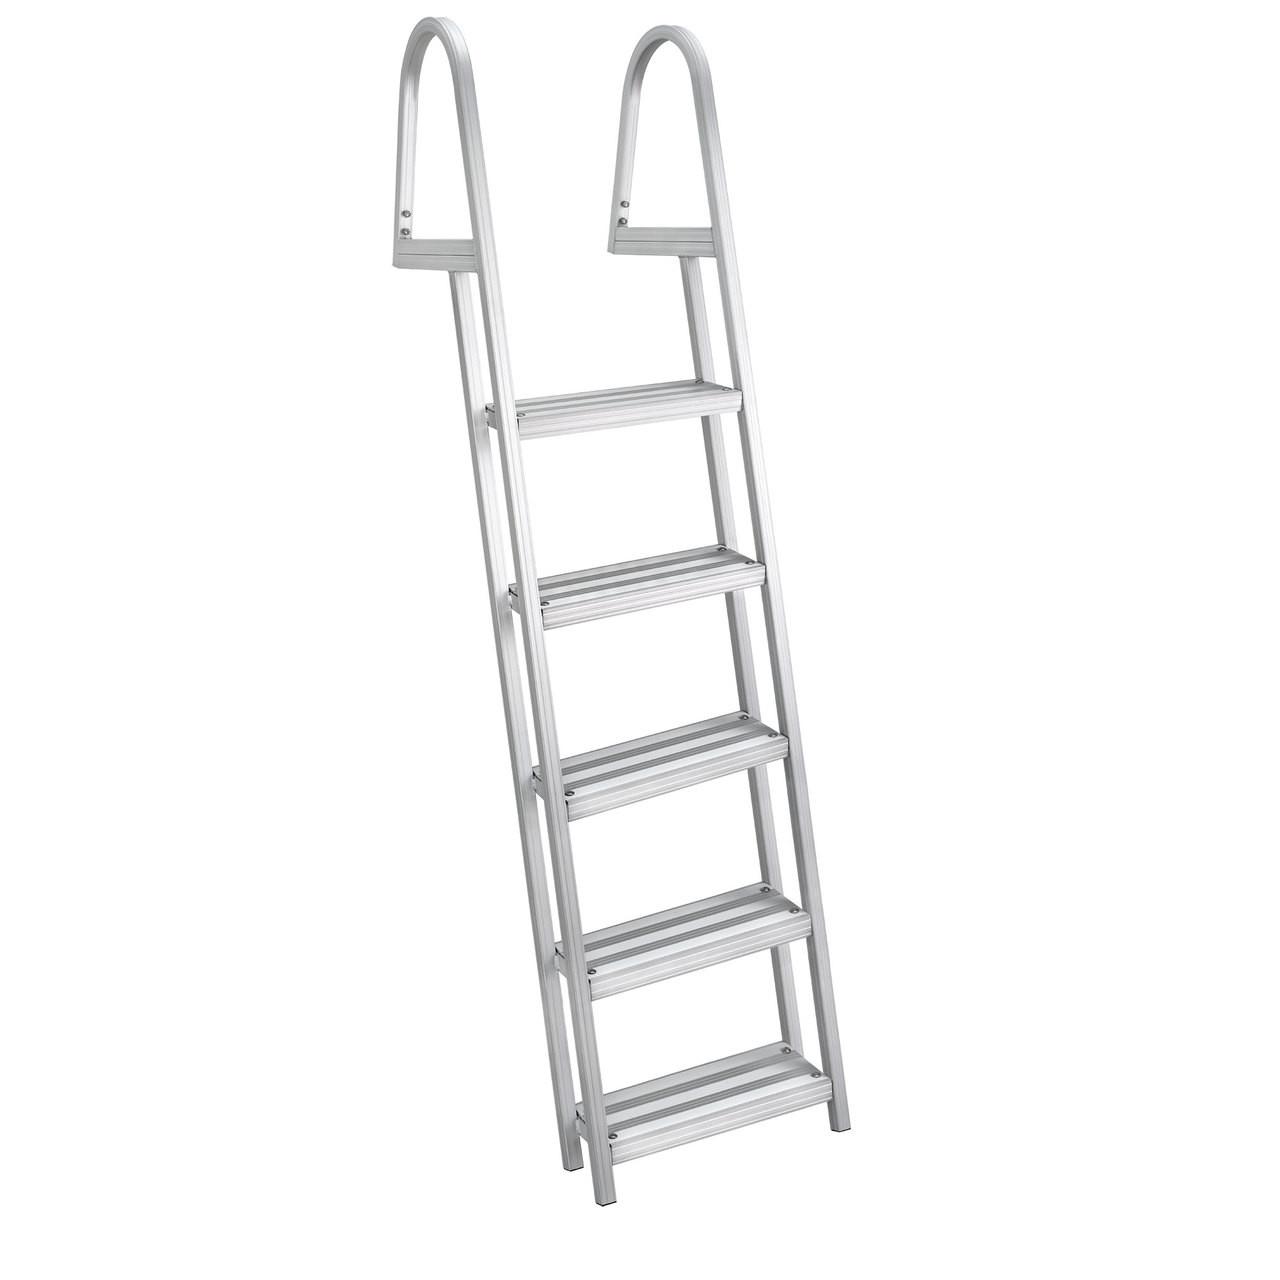 Marine 4 Step Heavy Duty Rear Entry Pontoon Boat Ladder Dock Ladder w// Handrails